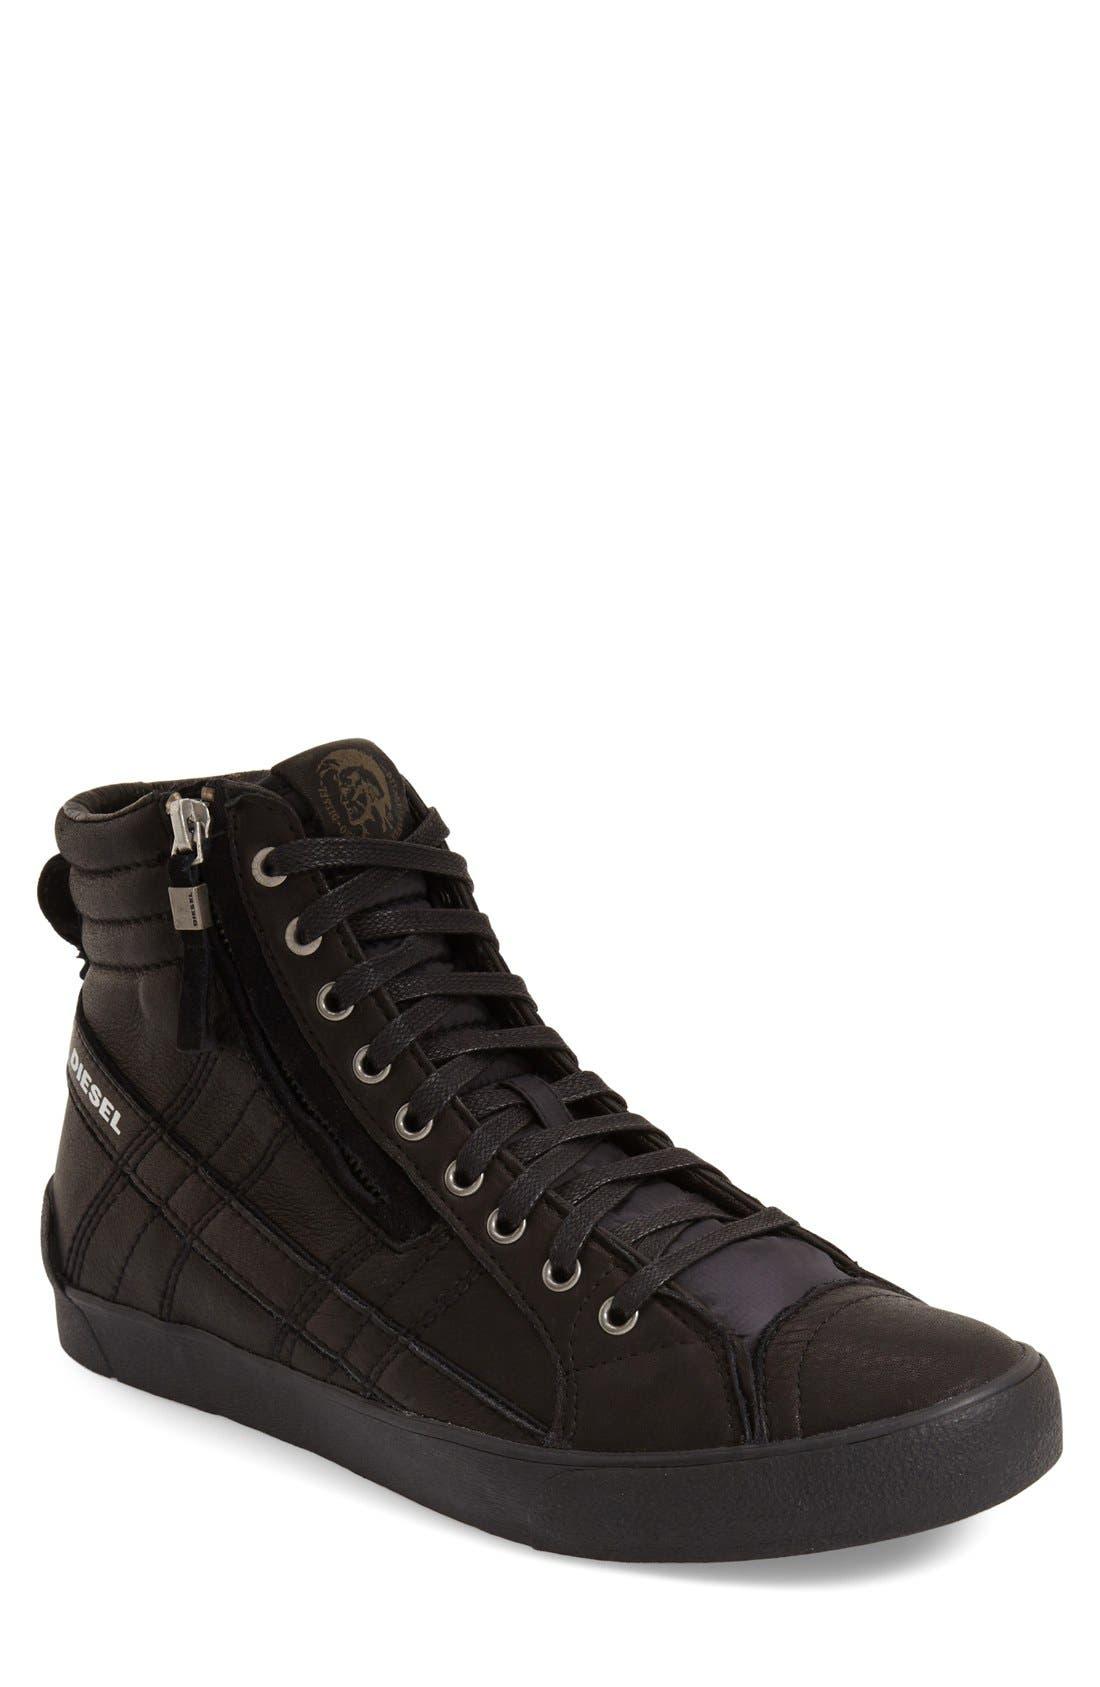 Main Image - DIESEL® 'D-Velows D-String' Sneaker